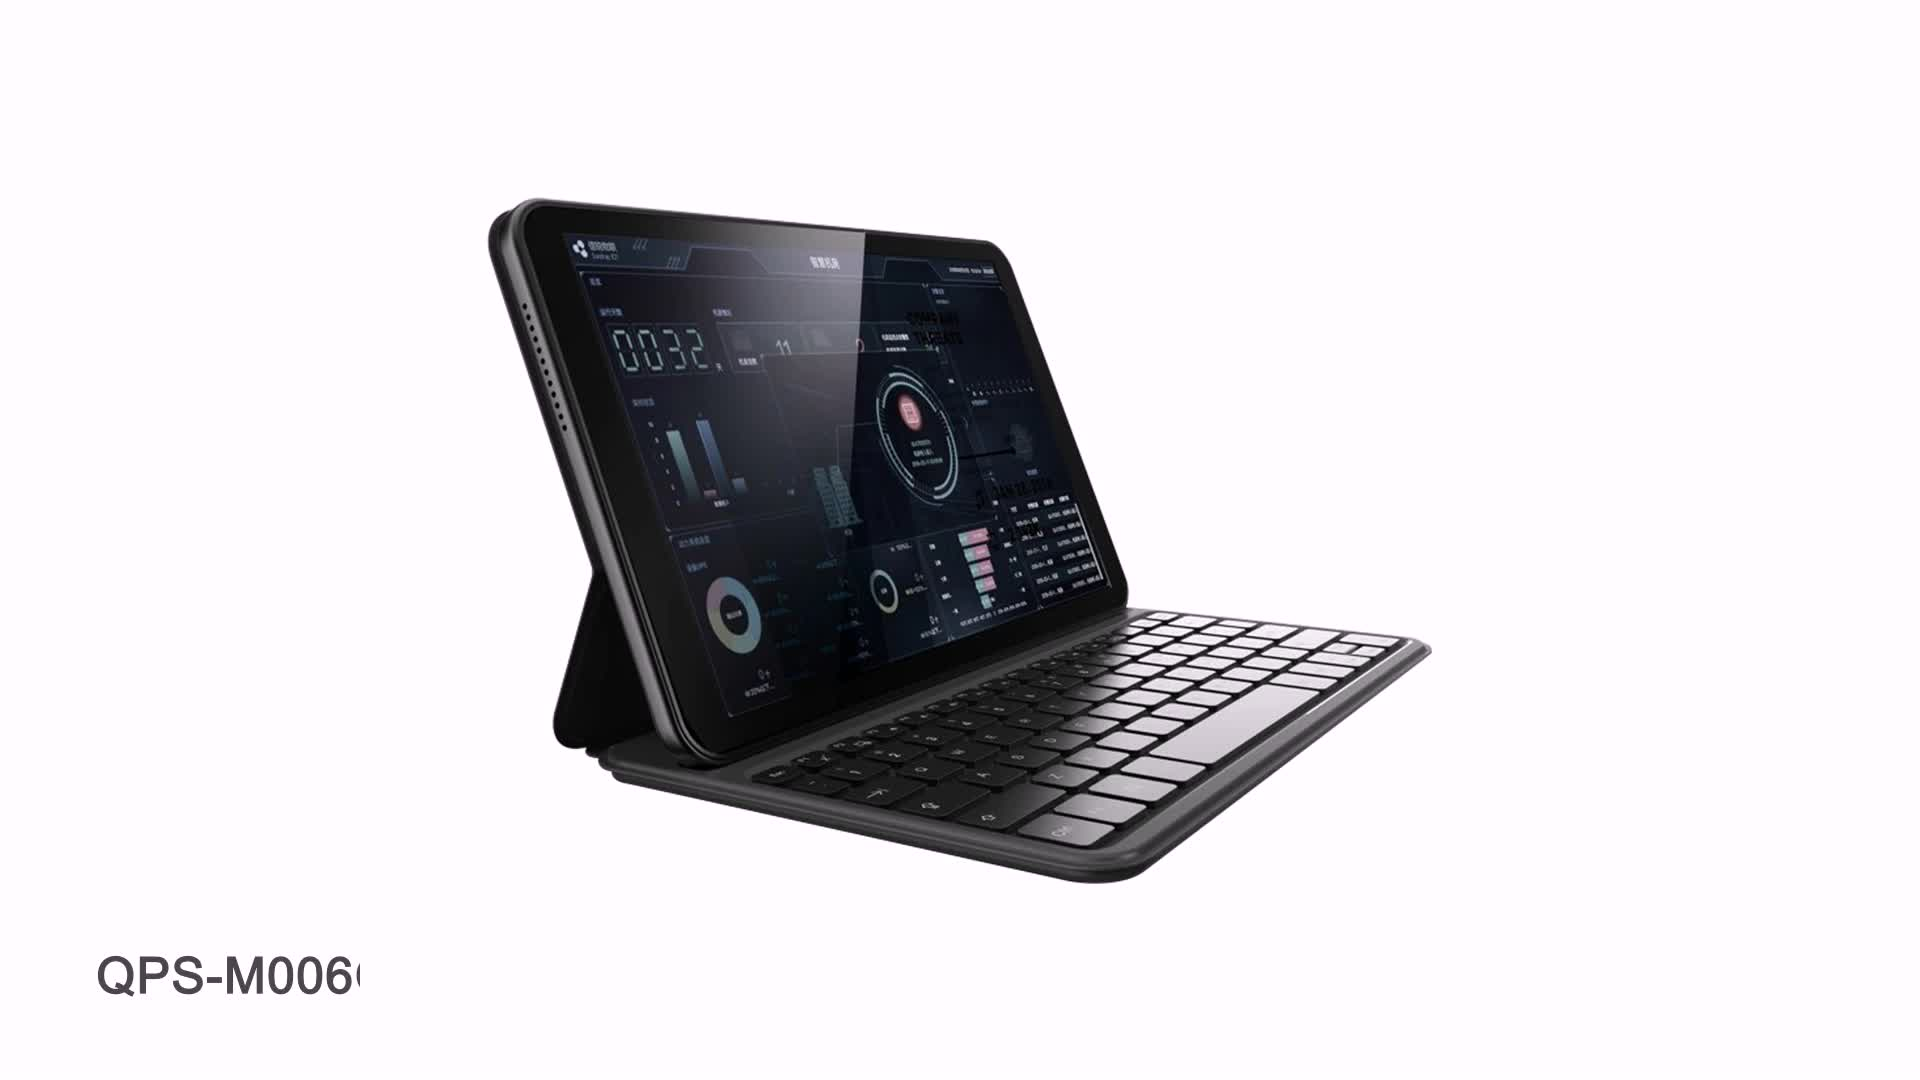 """안드로이드 9.0 10.1 """"용량 성 터치 G + G FHD1920 * 1200 4GB + 64GB 4G 전화 2 SIM 포트 태블릿 키보드와 가죽 케이스"""